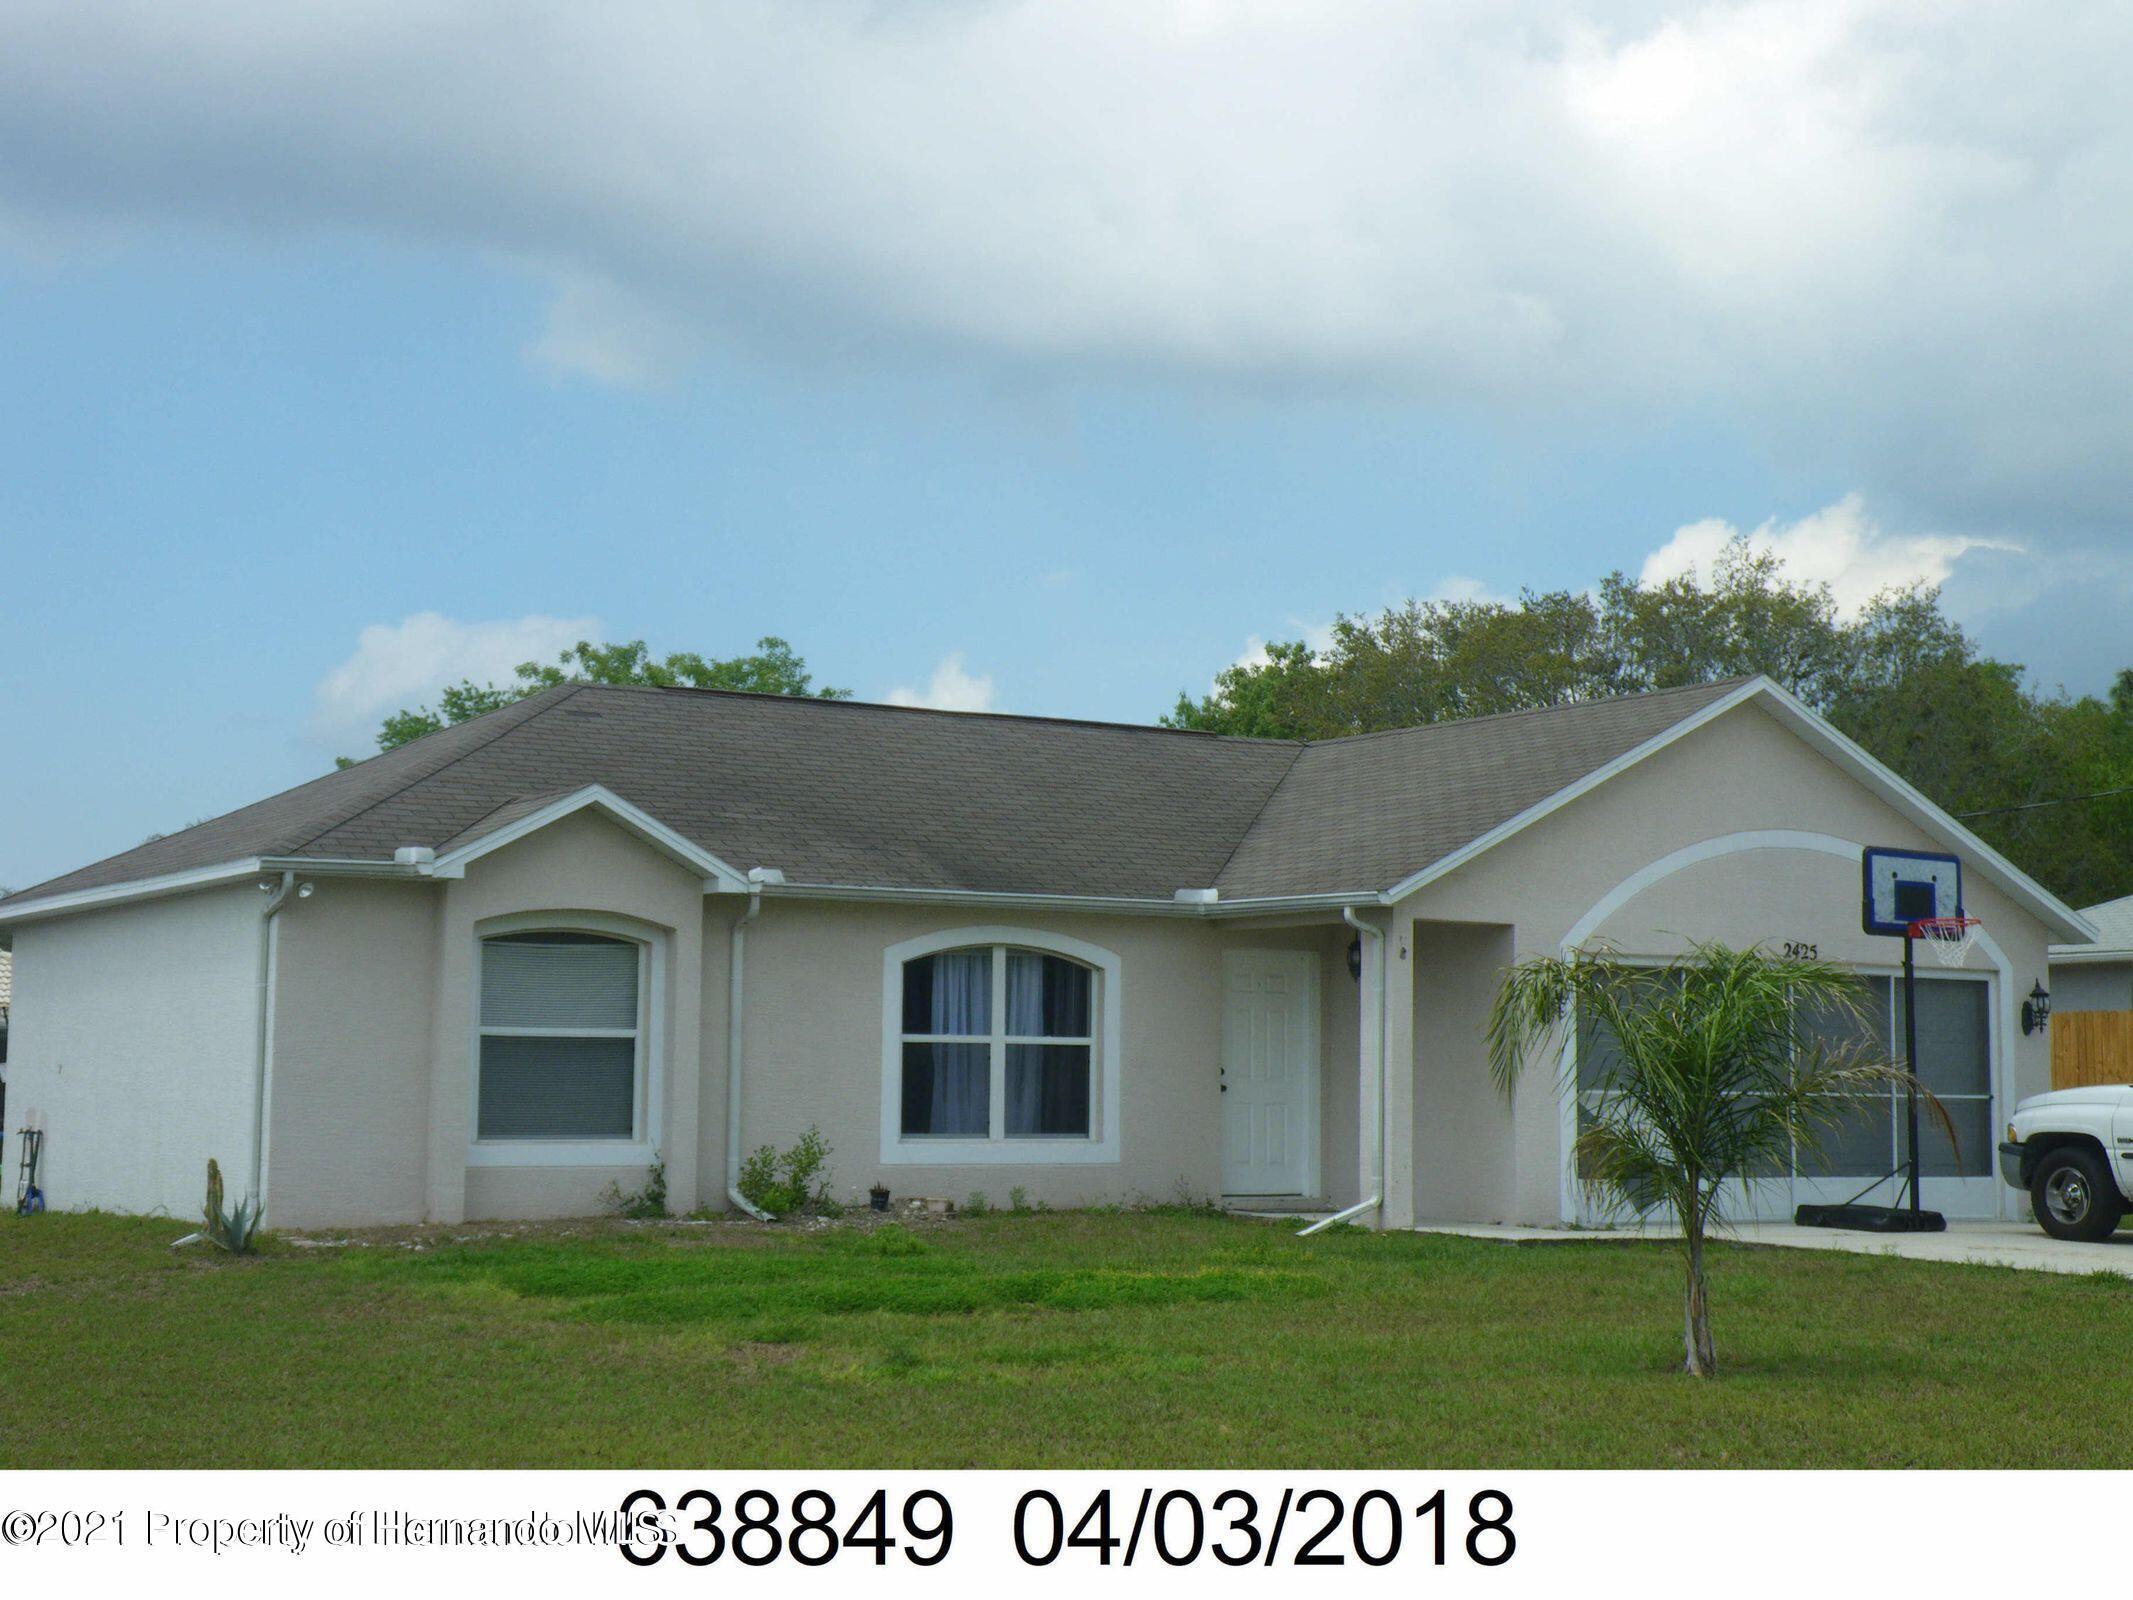 Listing Details for 2425 Hawthorne Road, Spring Hill, FL 34609